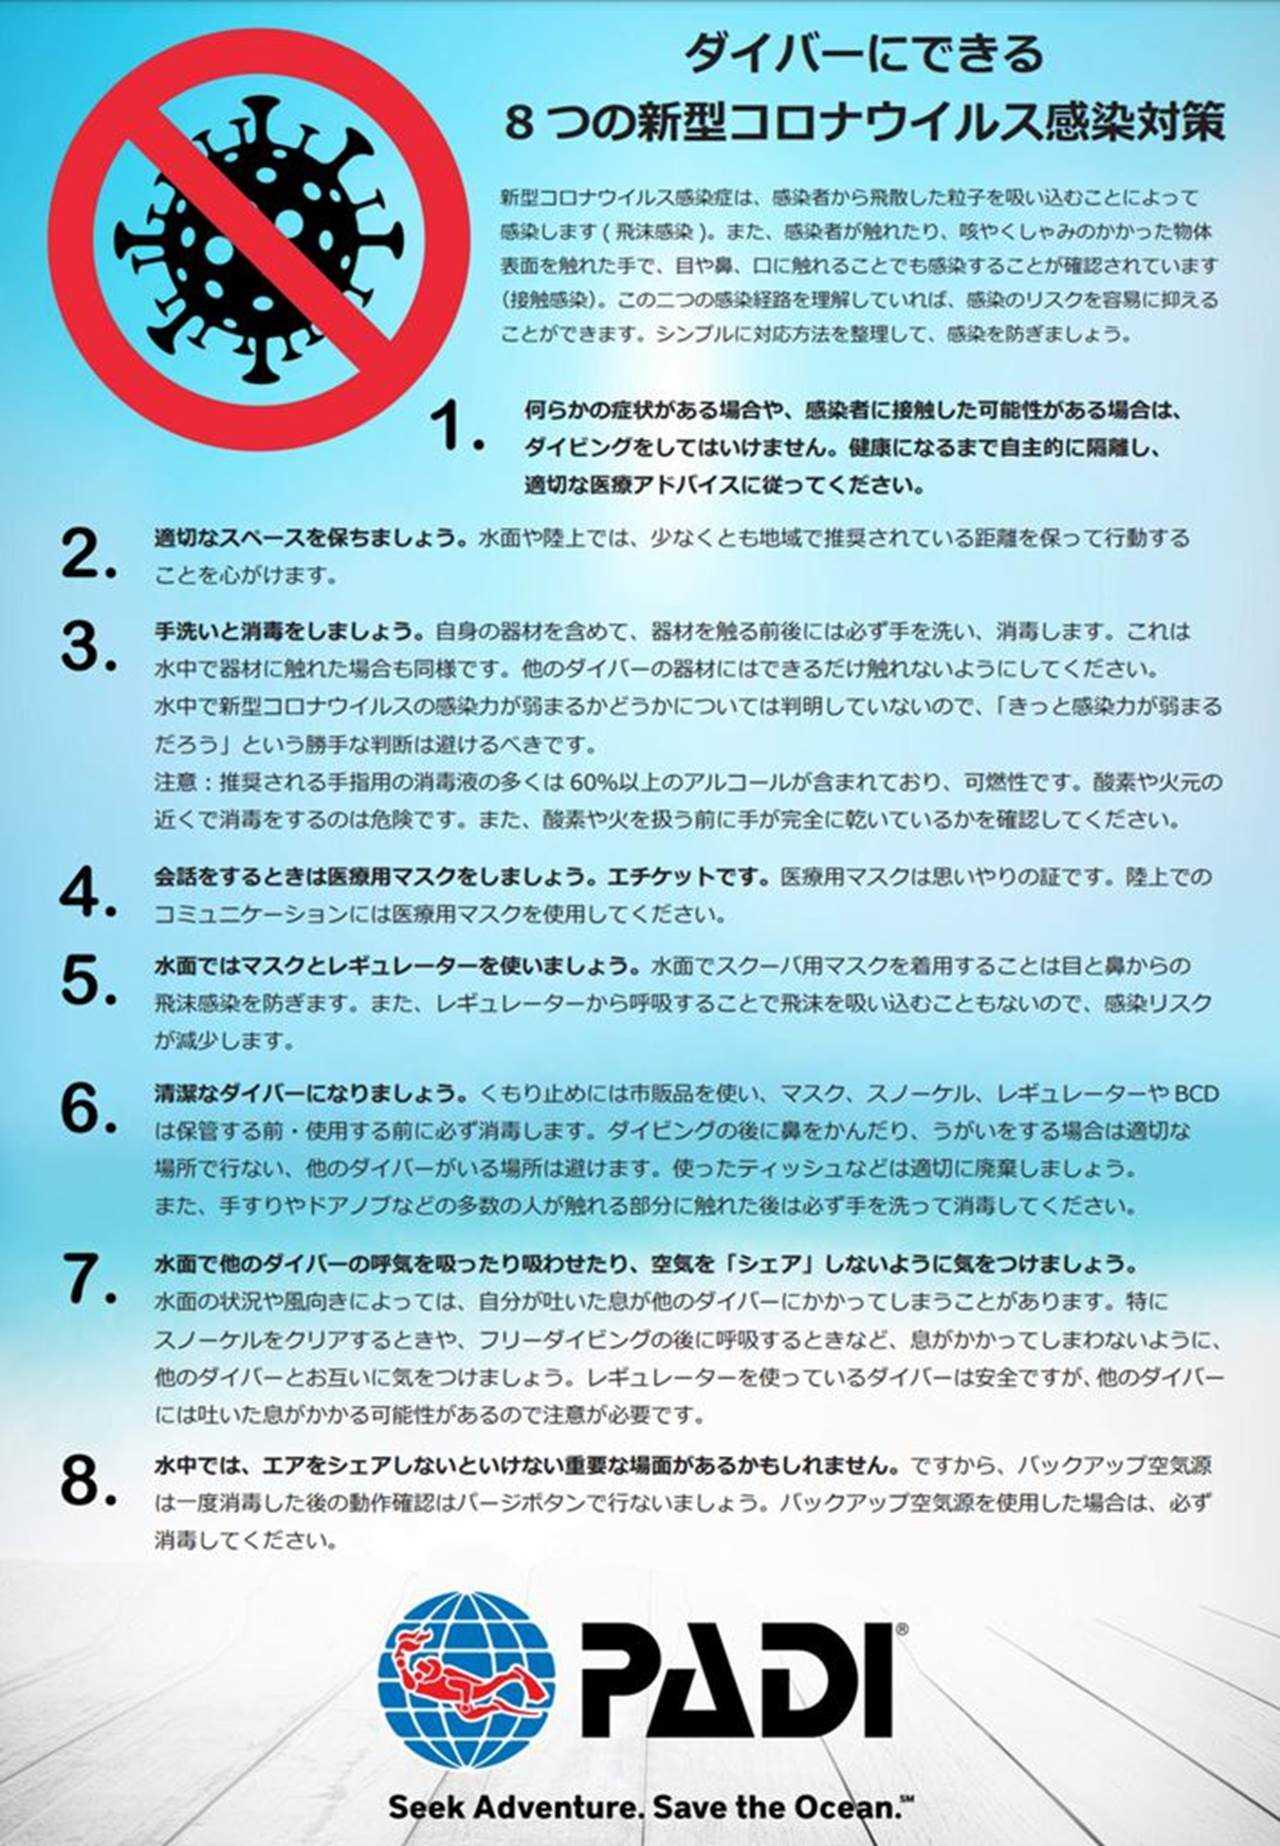 ダイバーにできる 8つの新型コロナウイルス感染対策